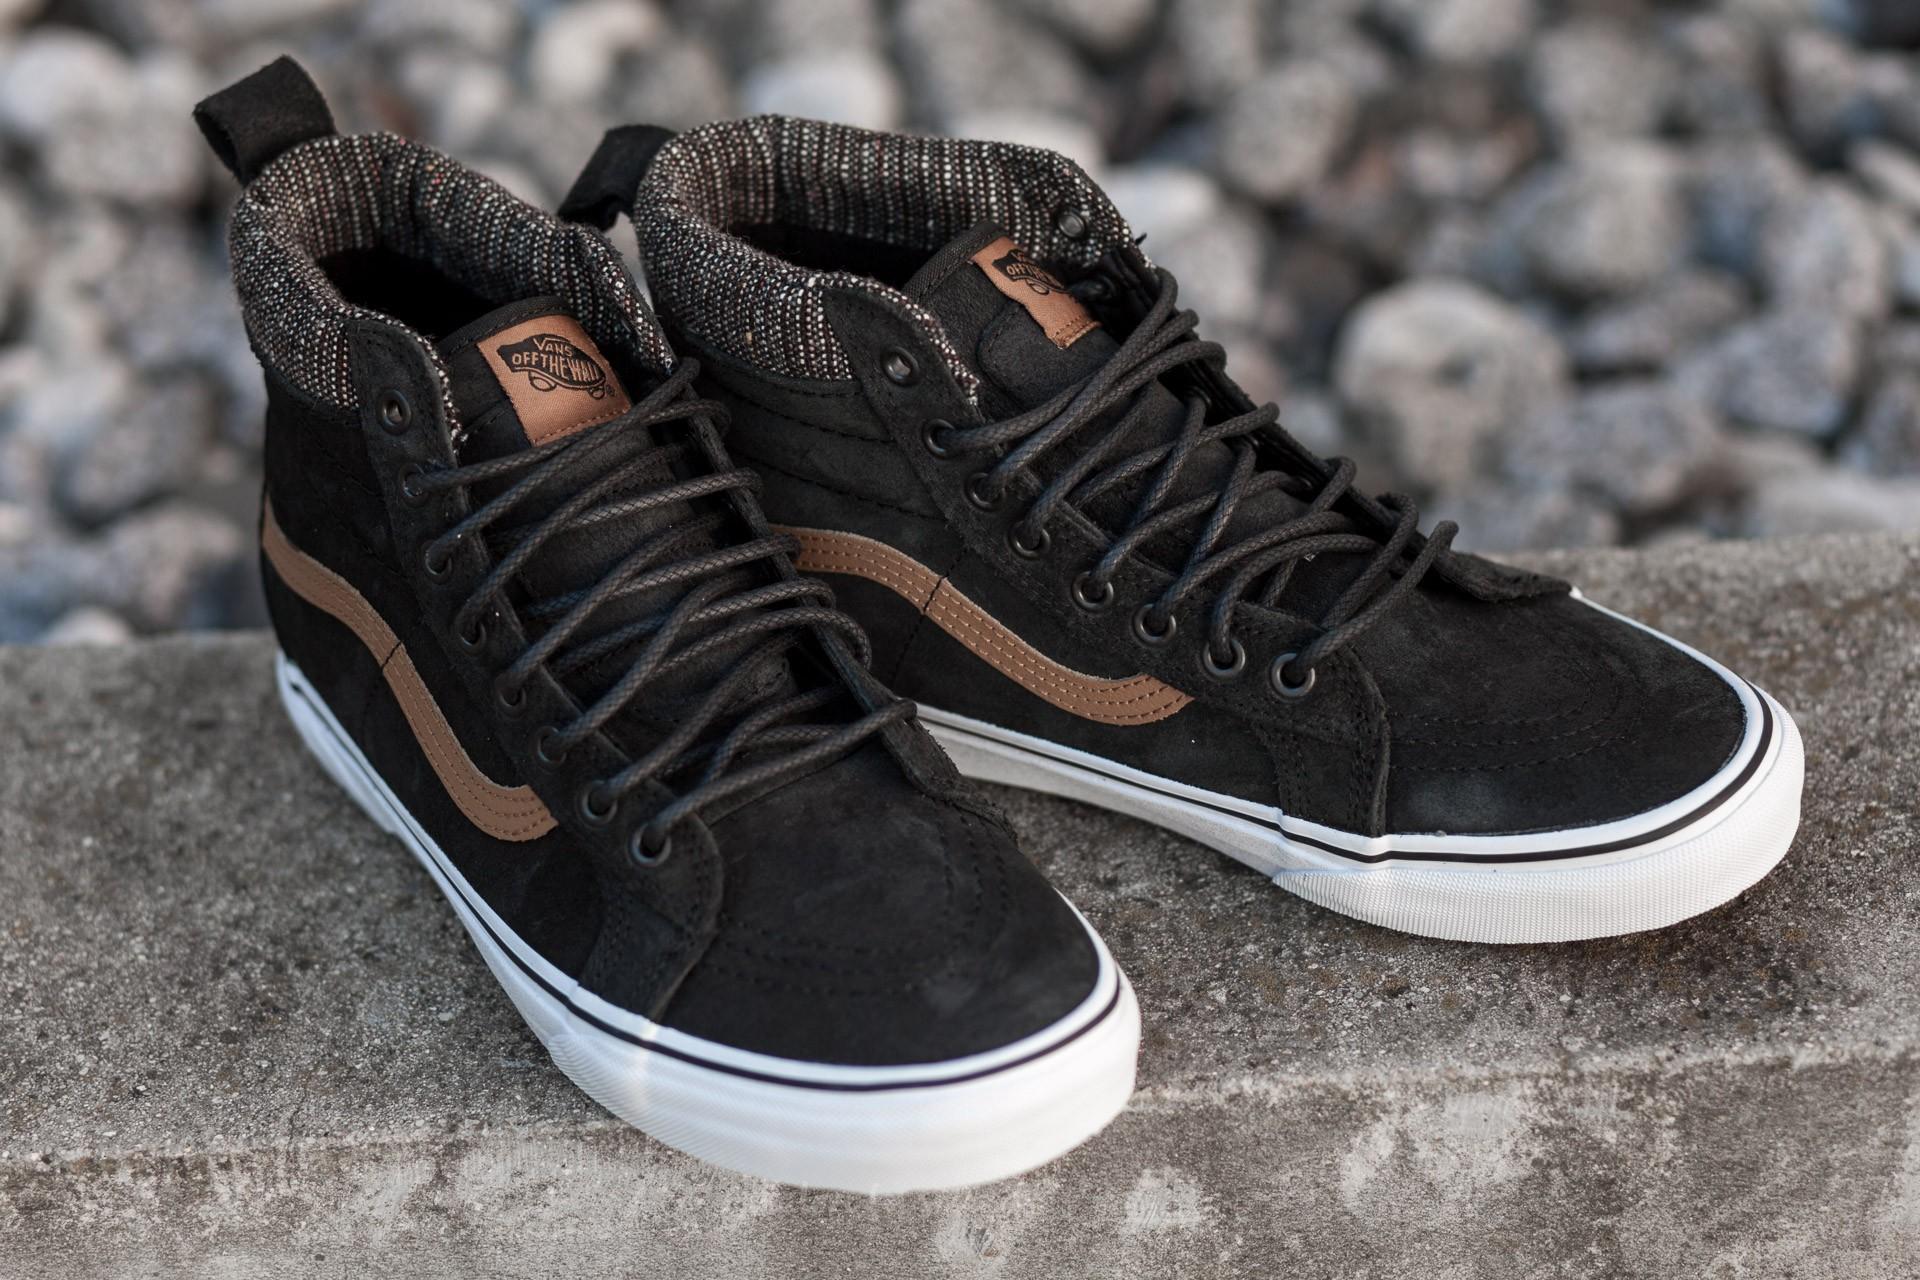 Vans Sk8 Hi MTE (MTE) Black Tweed | Footshop